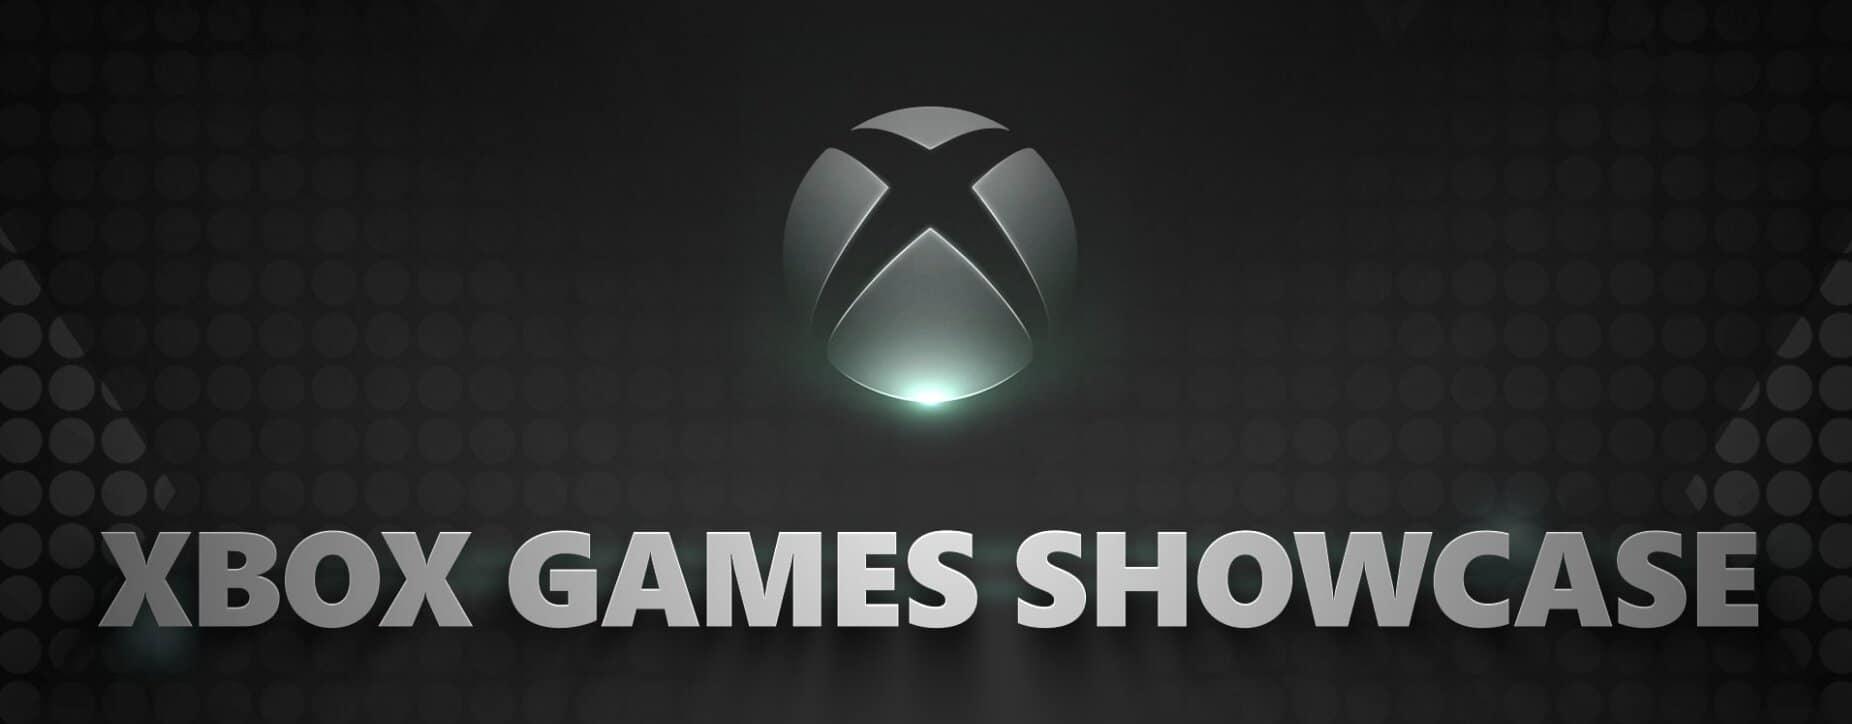 Xbox Series X : Microsoft annonce un Xbox Games Showcase pour présenter ses exclusivités first-party